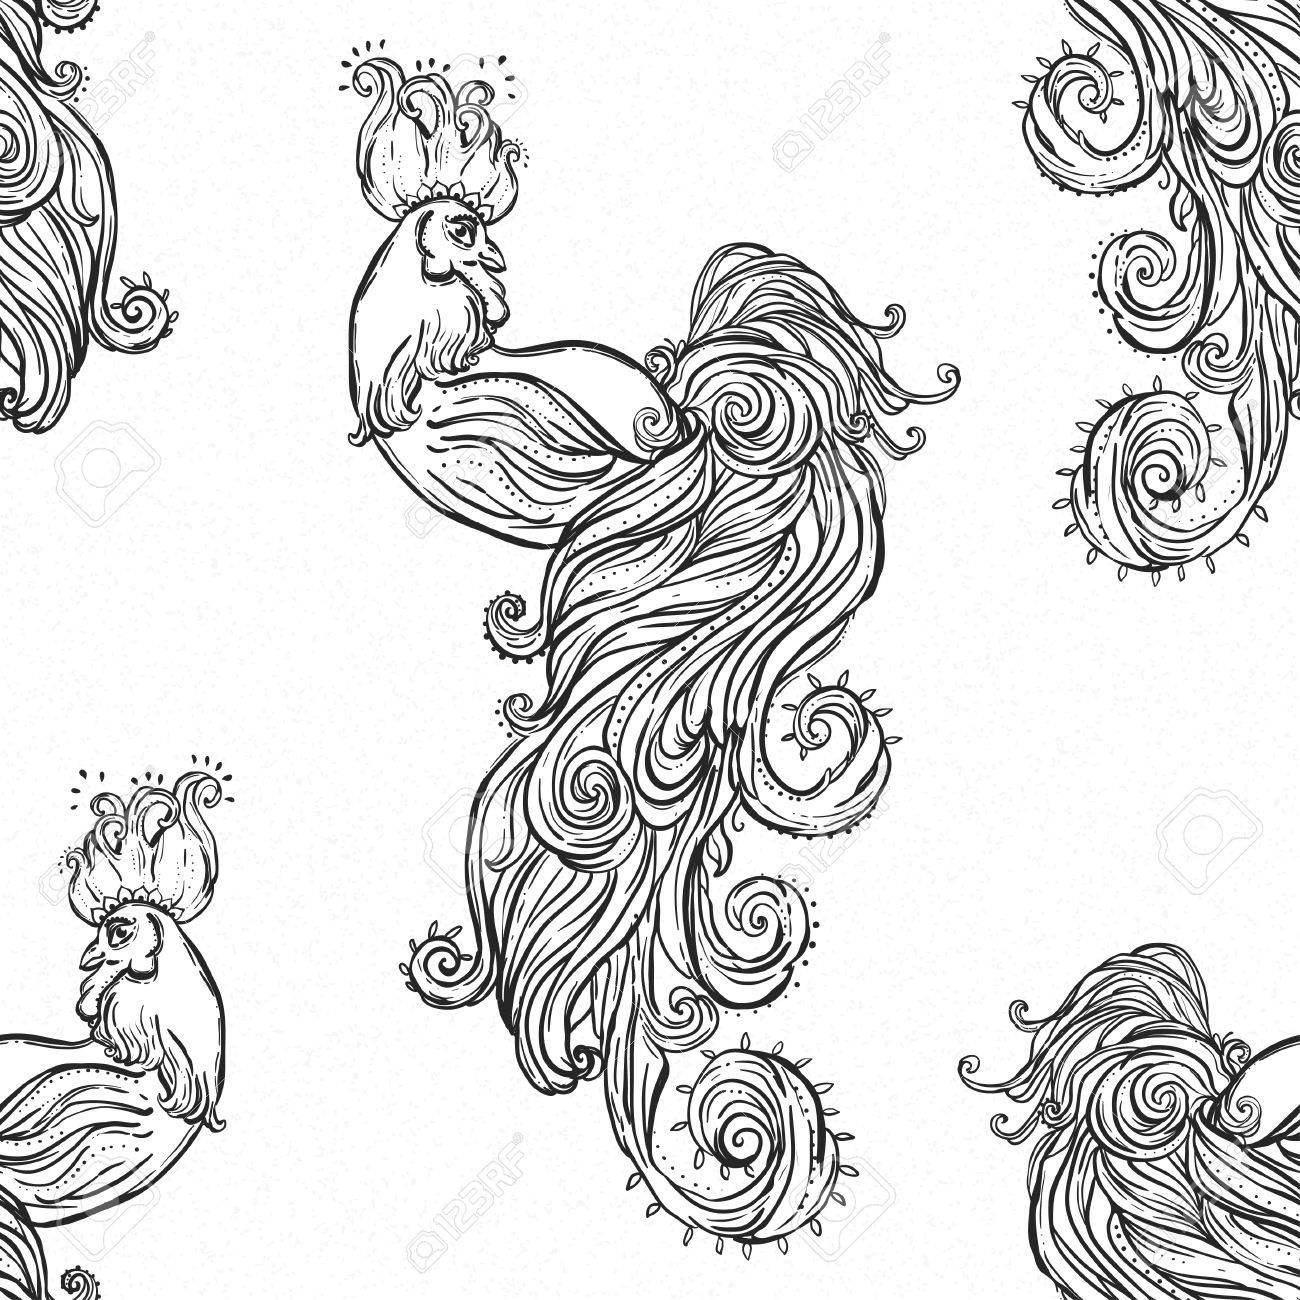 Lujoso Año Nuevo Chino Para Colorear Mono Inspiración - Dibujos Para ...